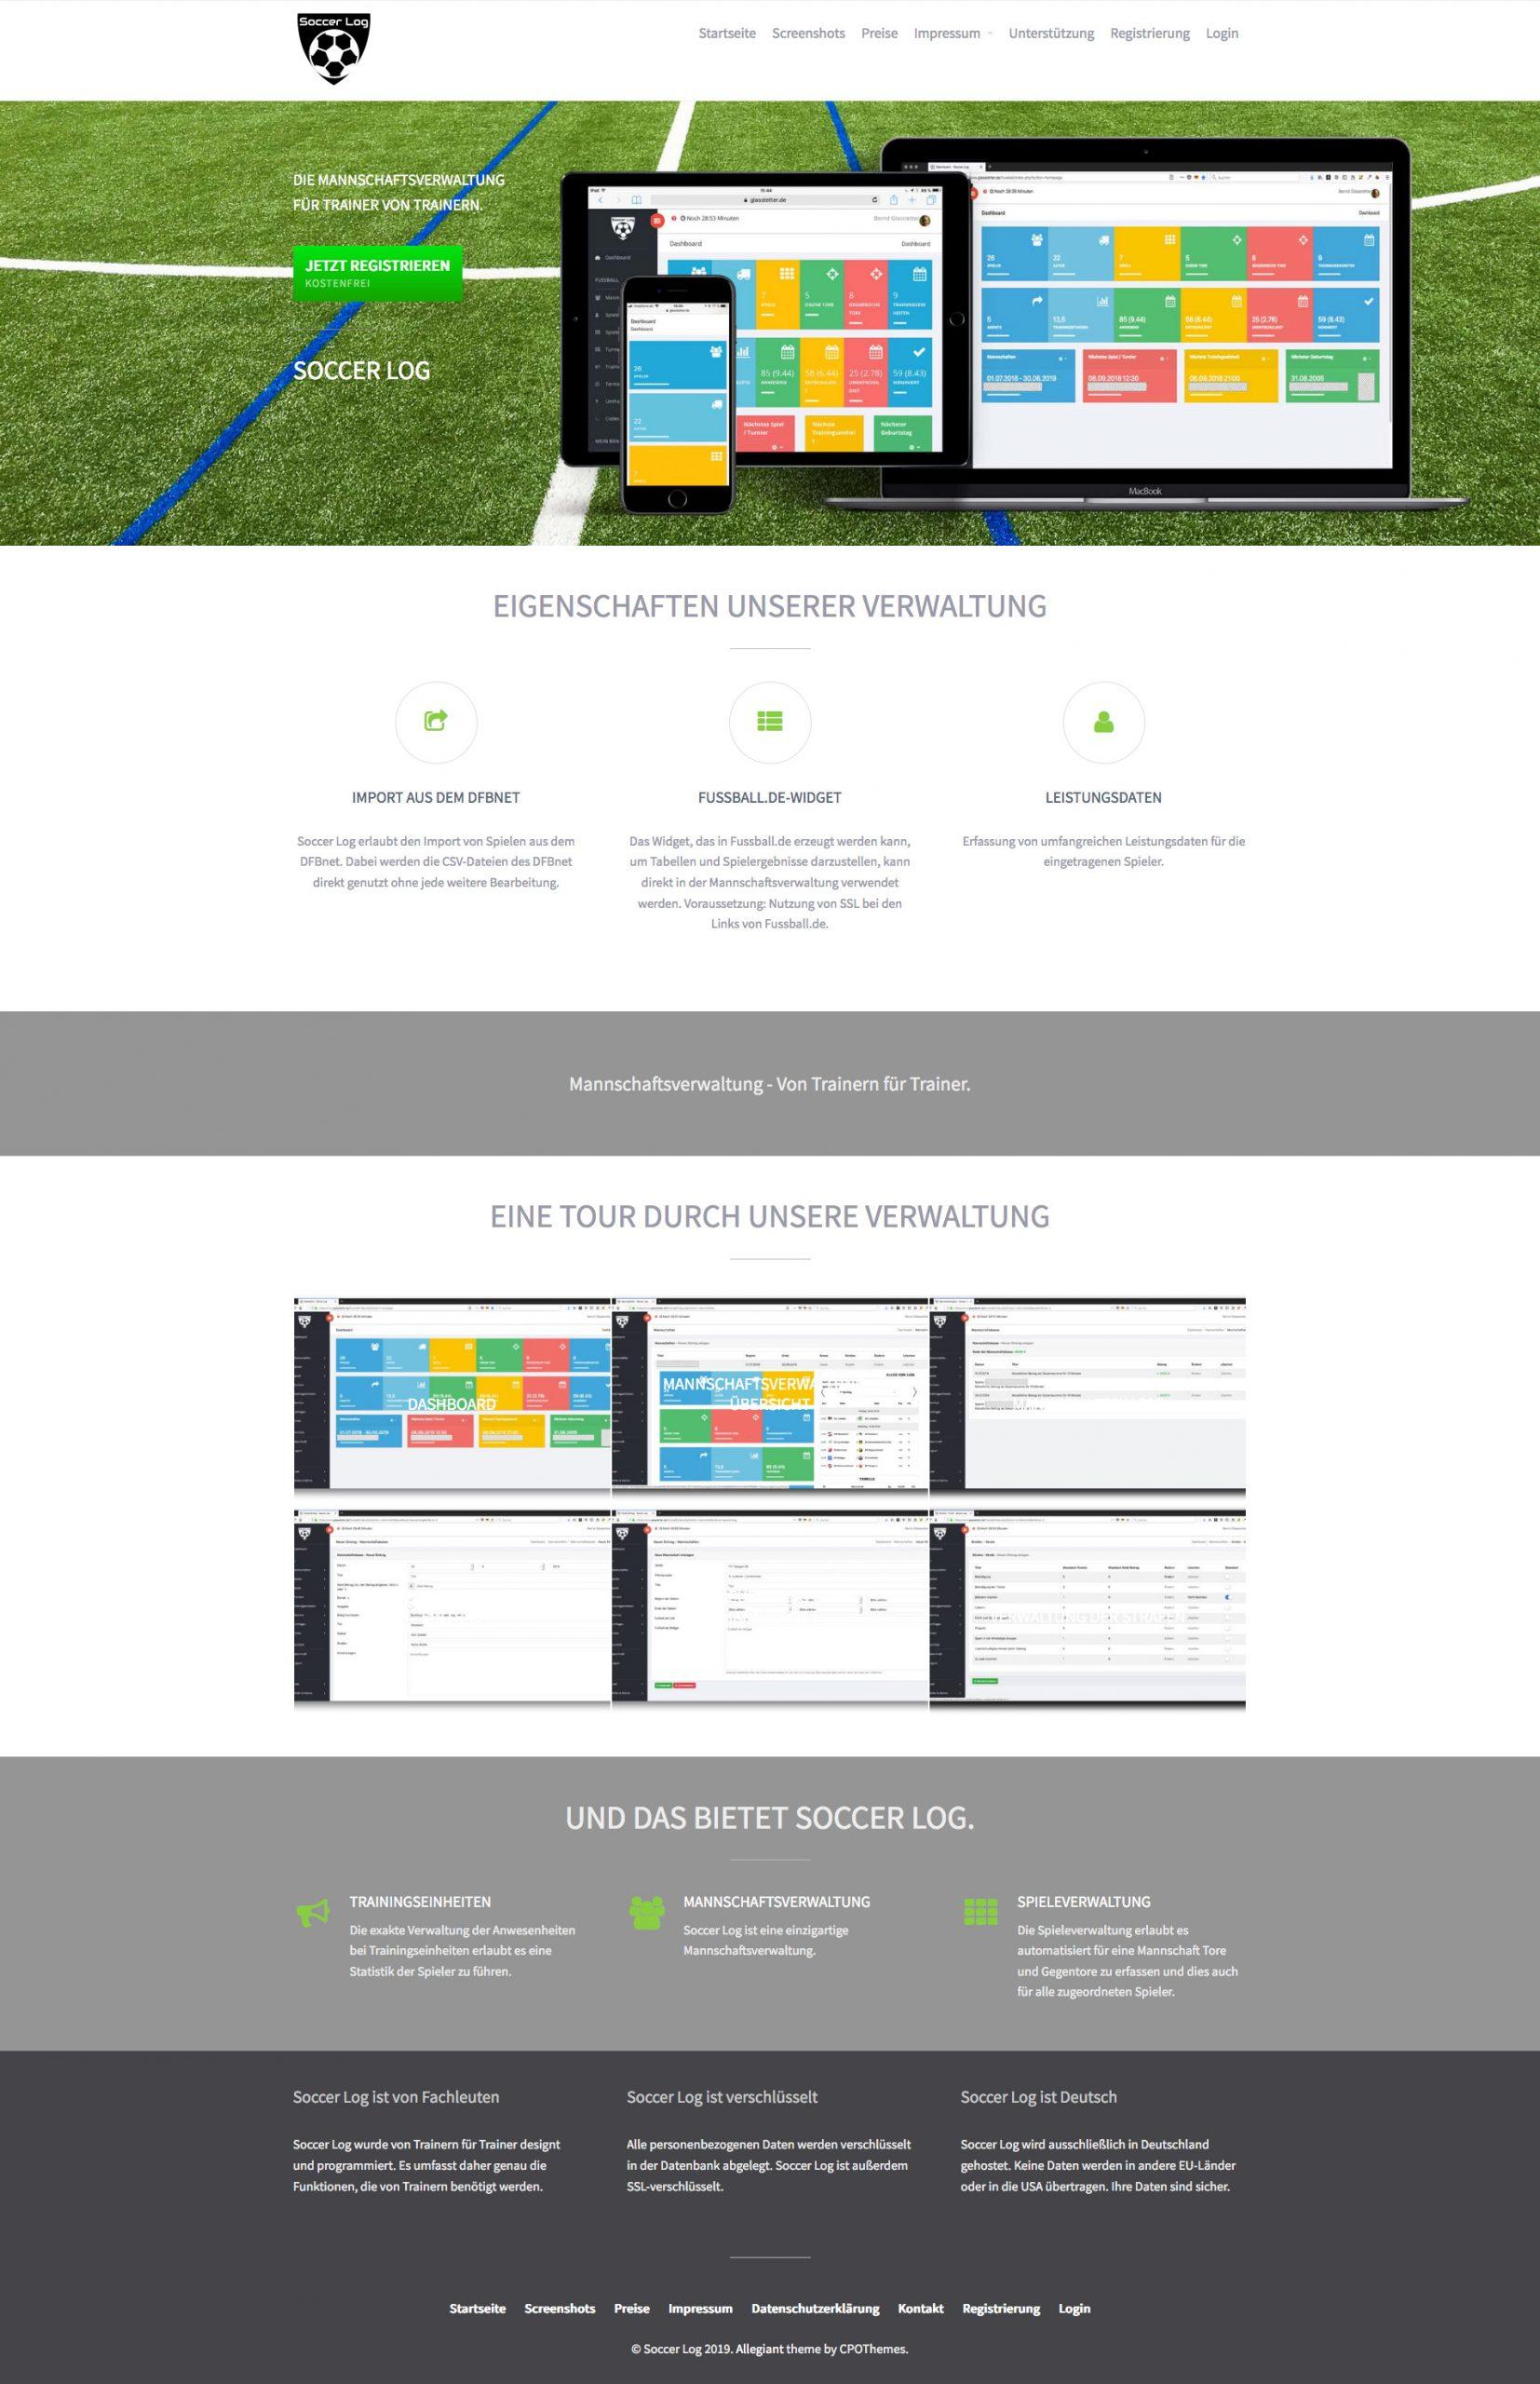 Soccer Log